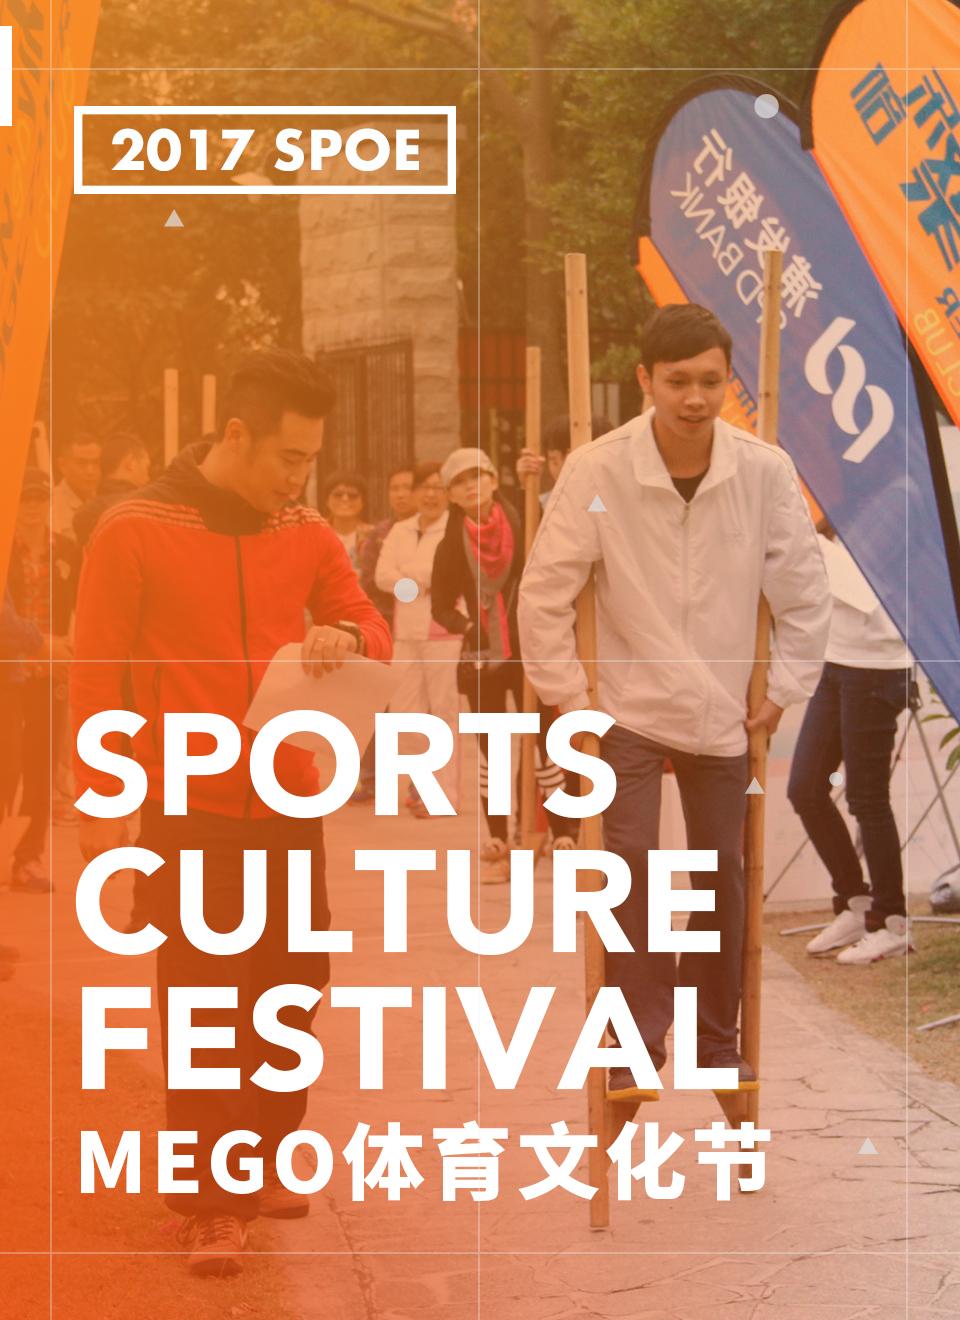 体育文化节